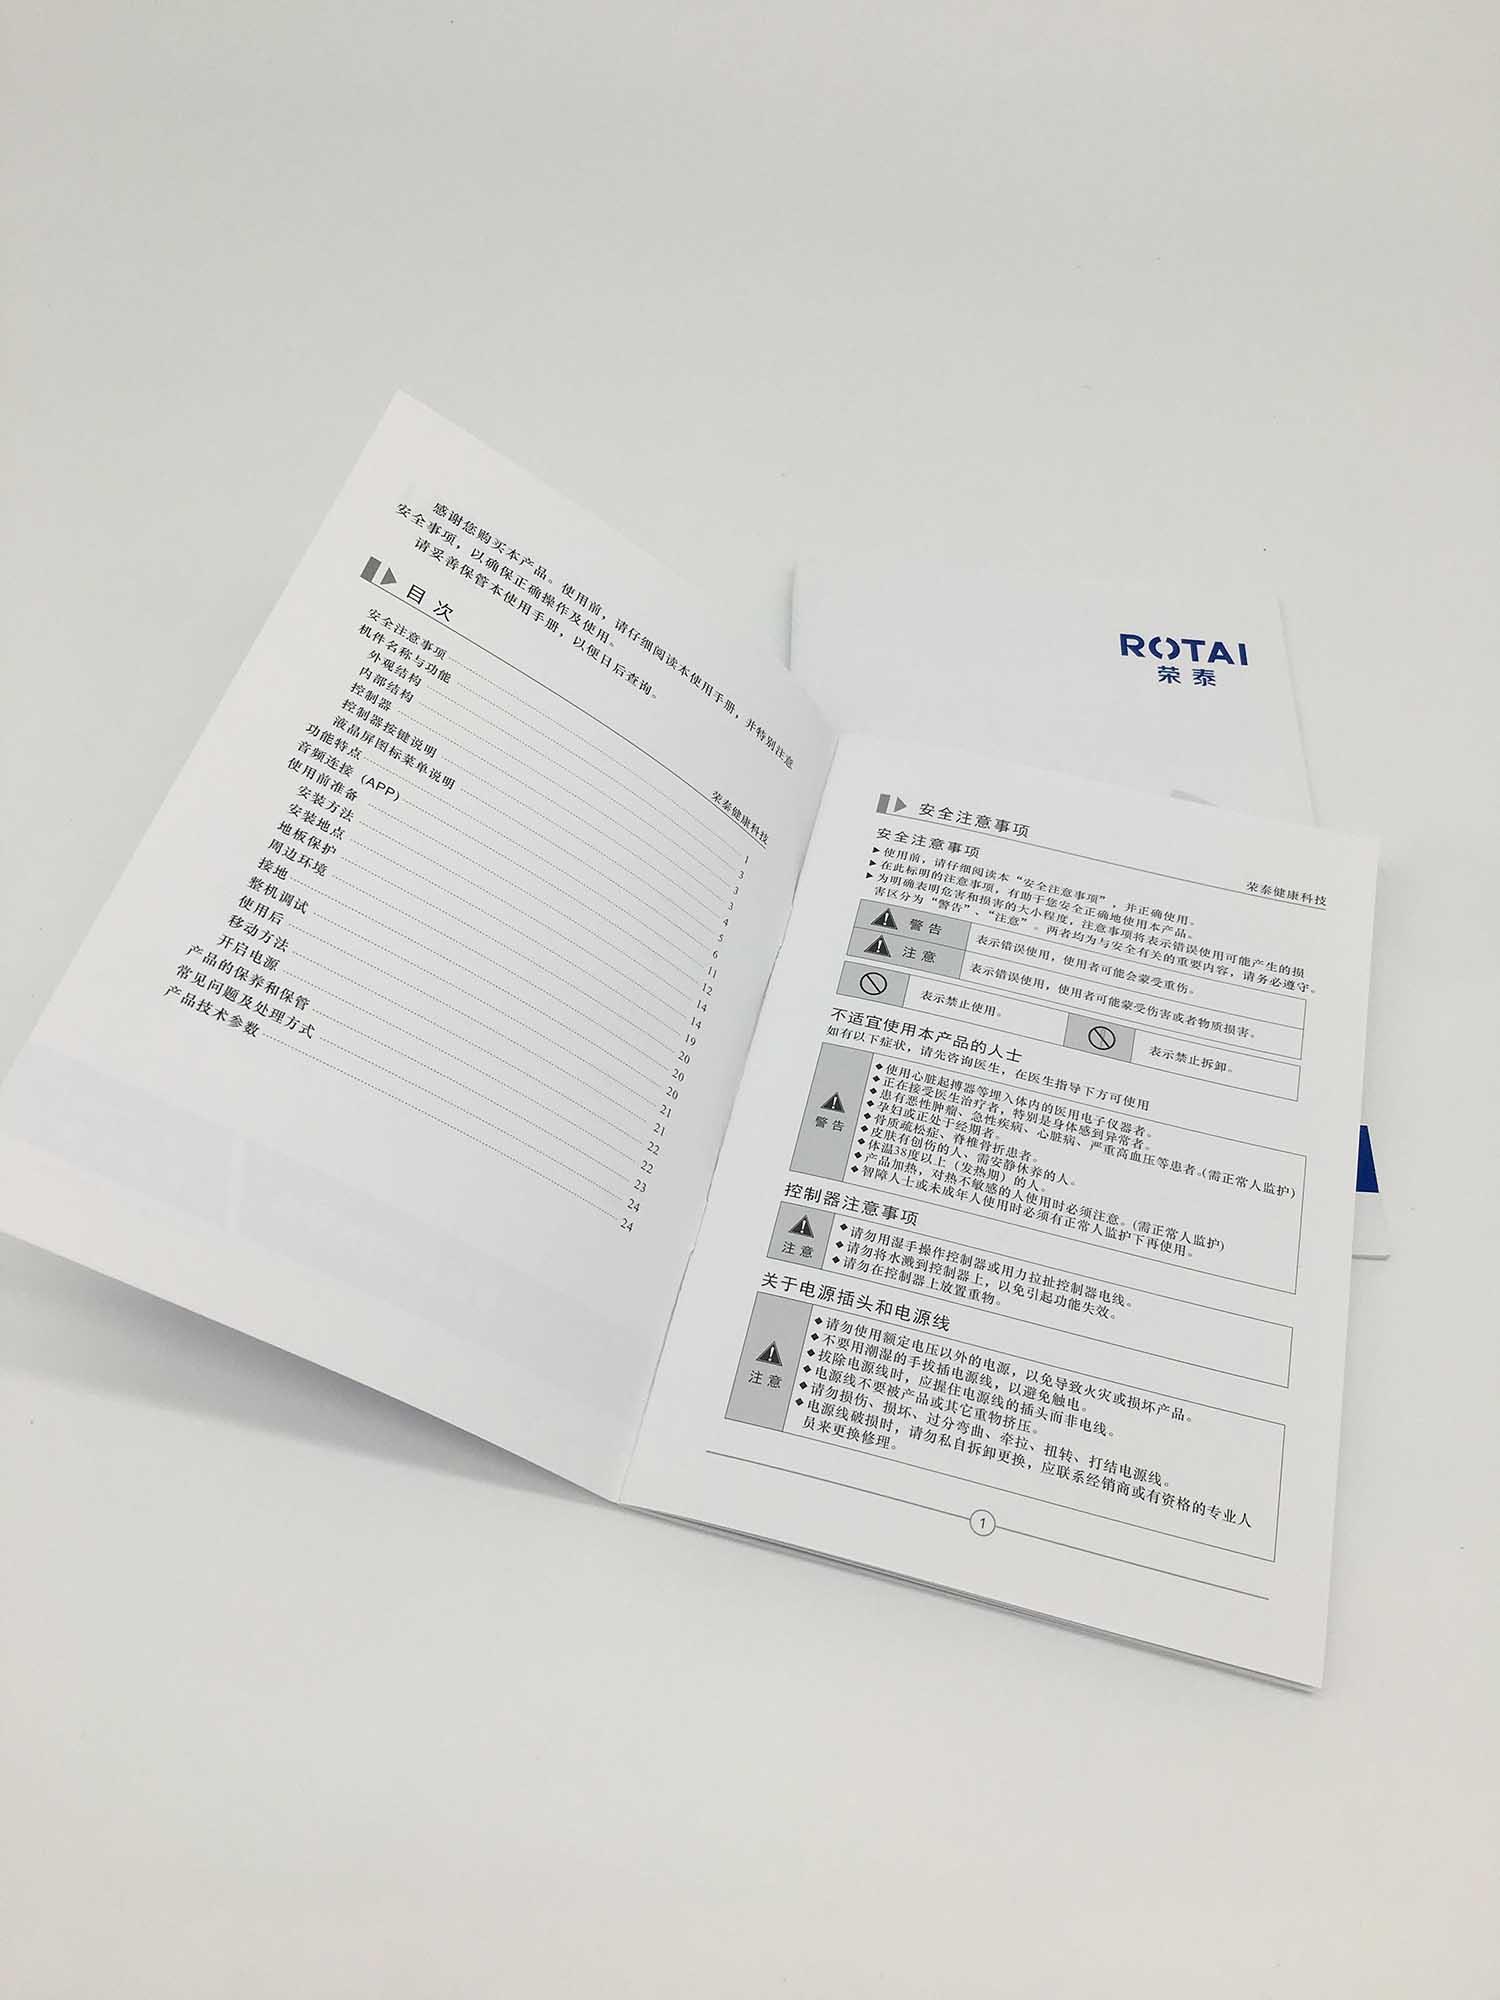 高开产品画册设计印刷公司